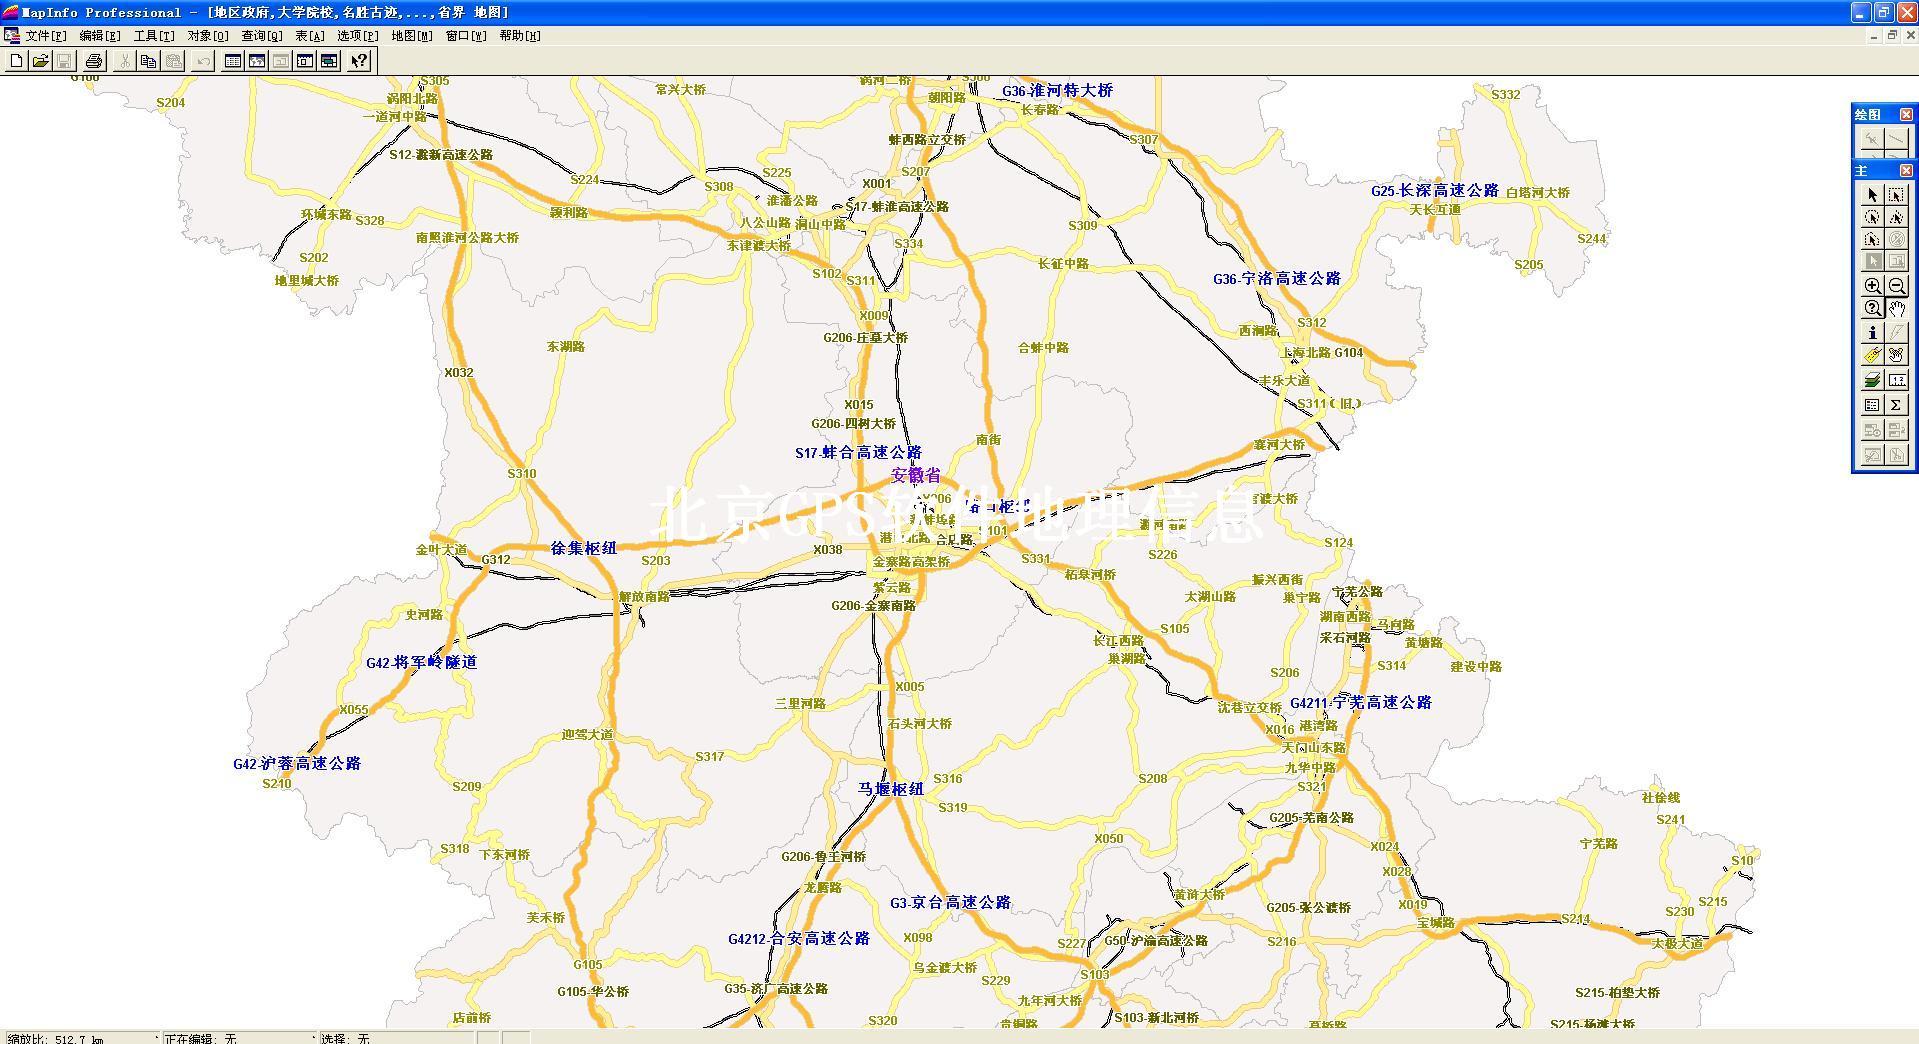 2013年安徽省mapinfo格式电子地图矢量数据